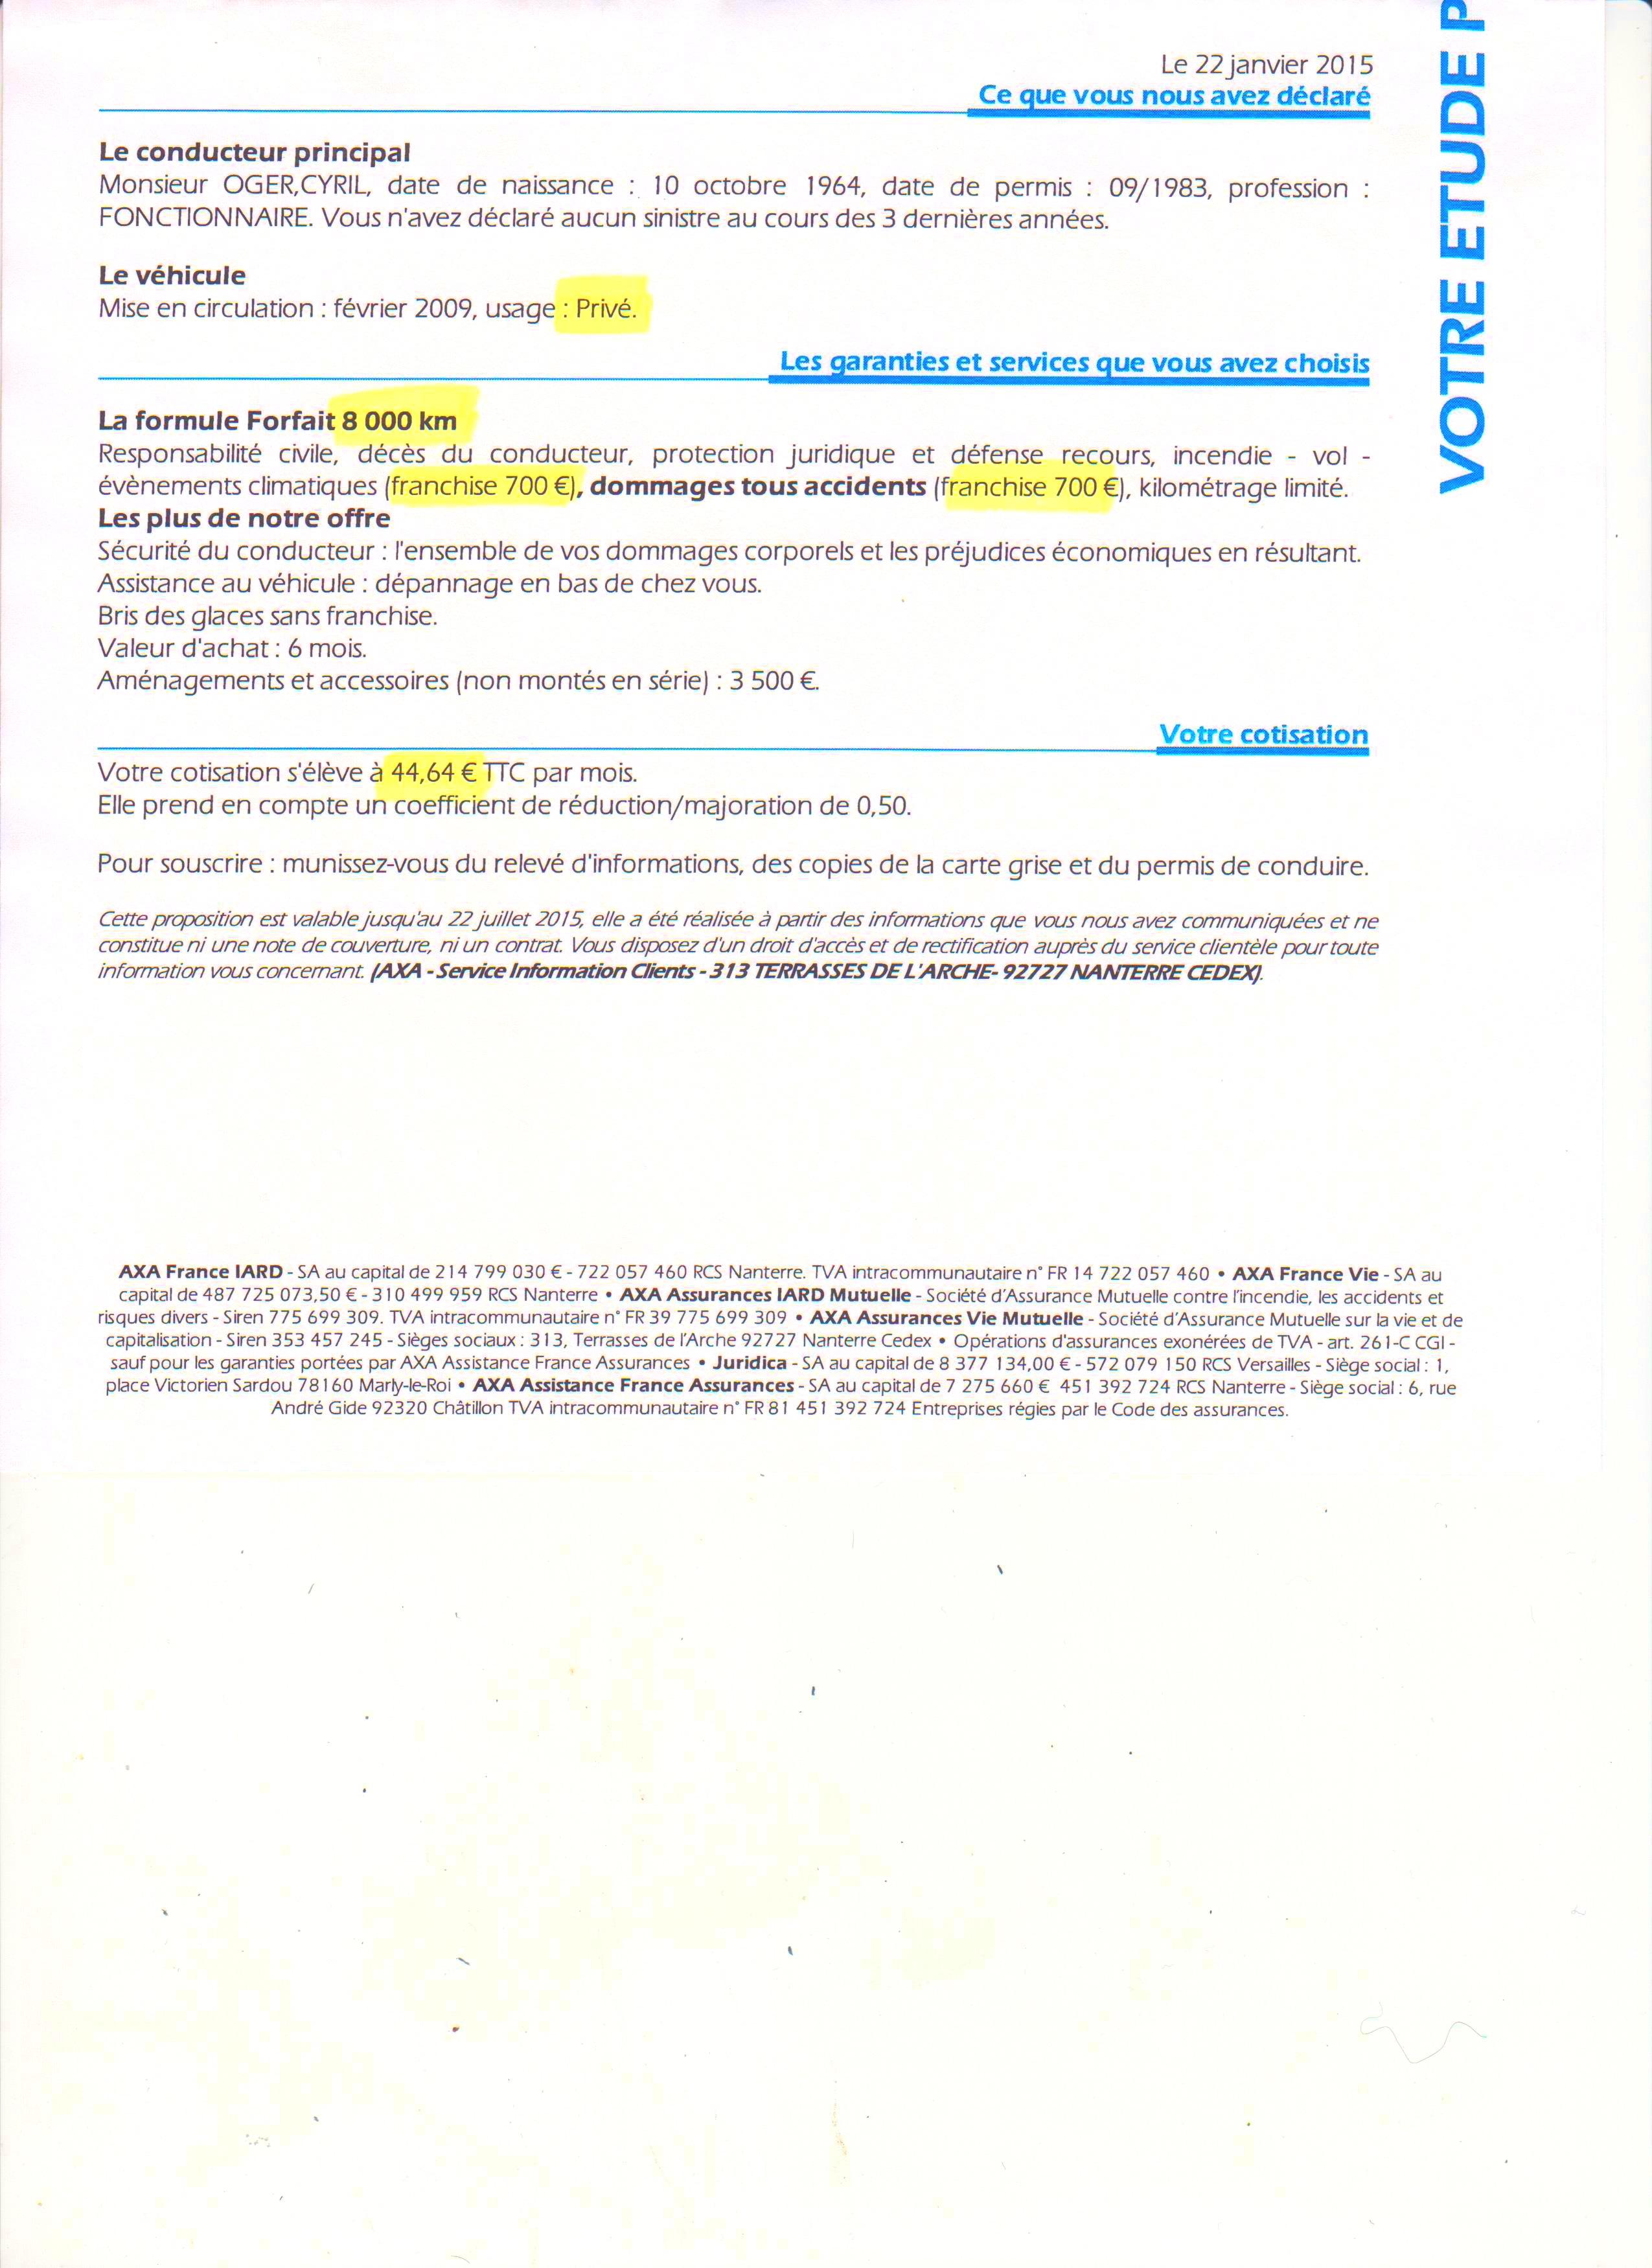 bc911-1422015273-U166.jpg